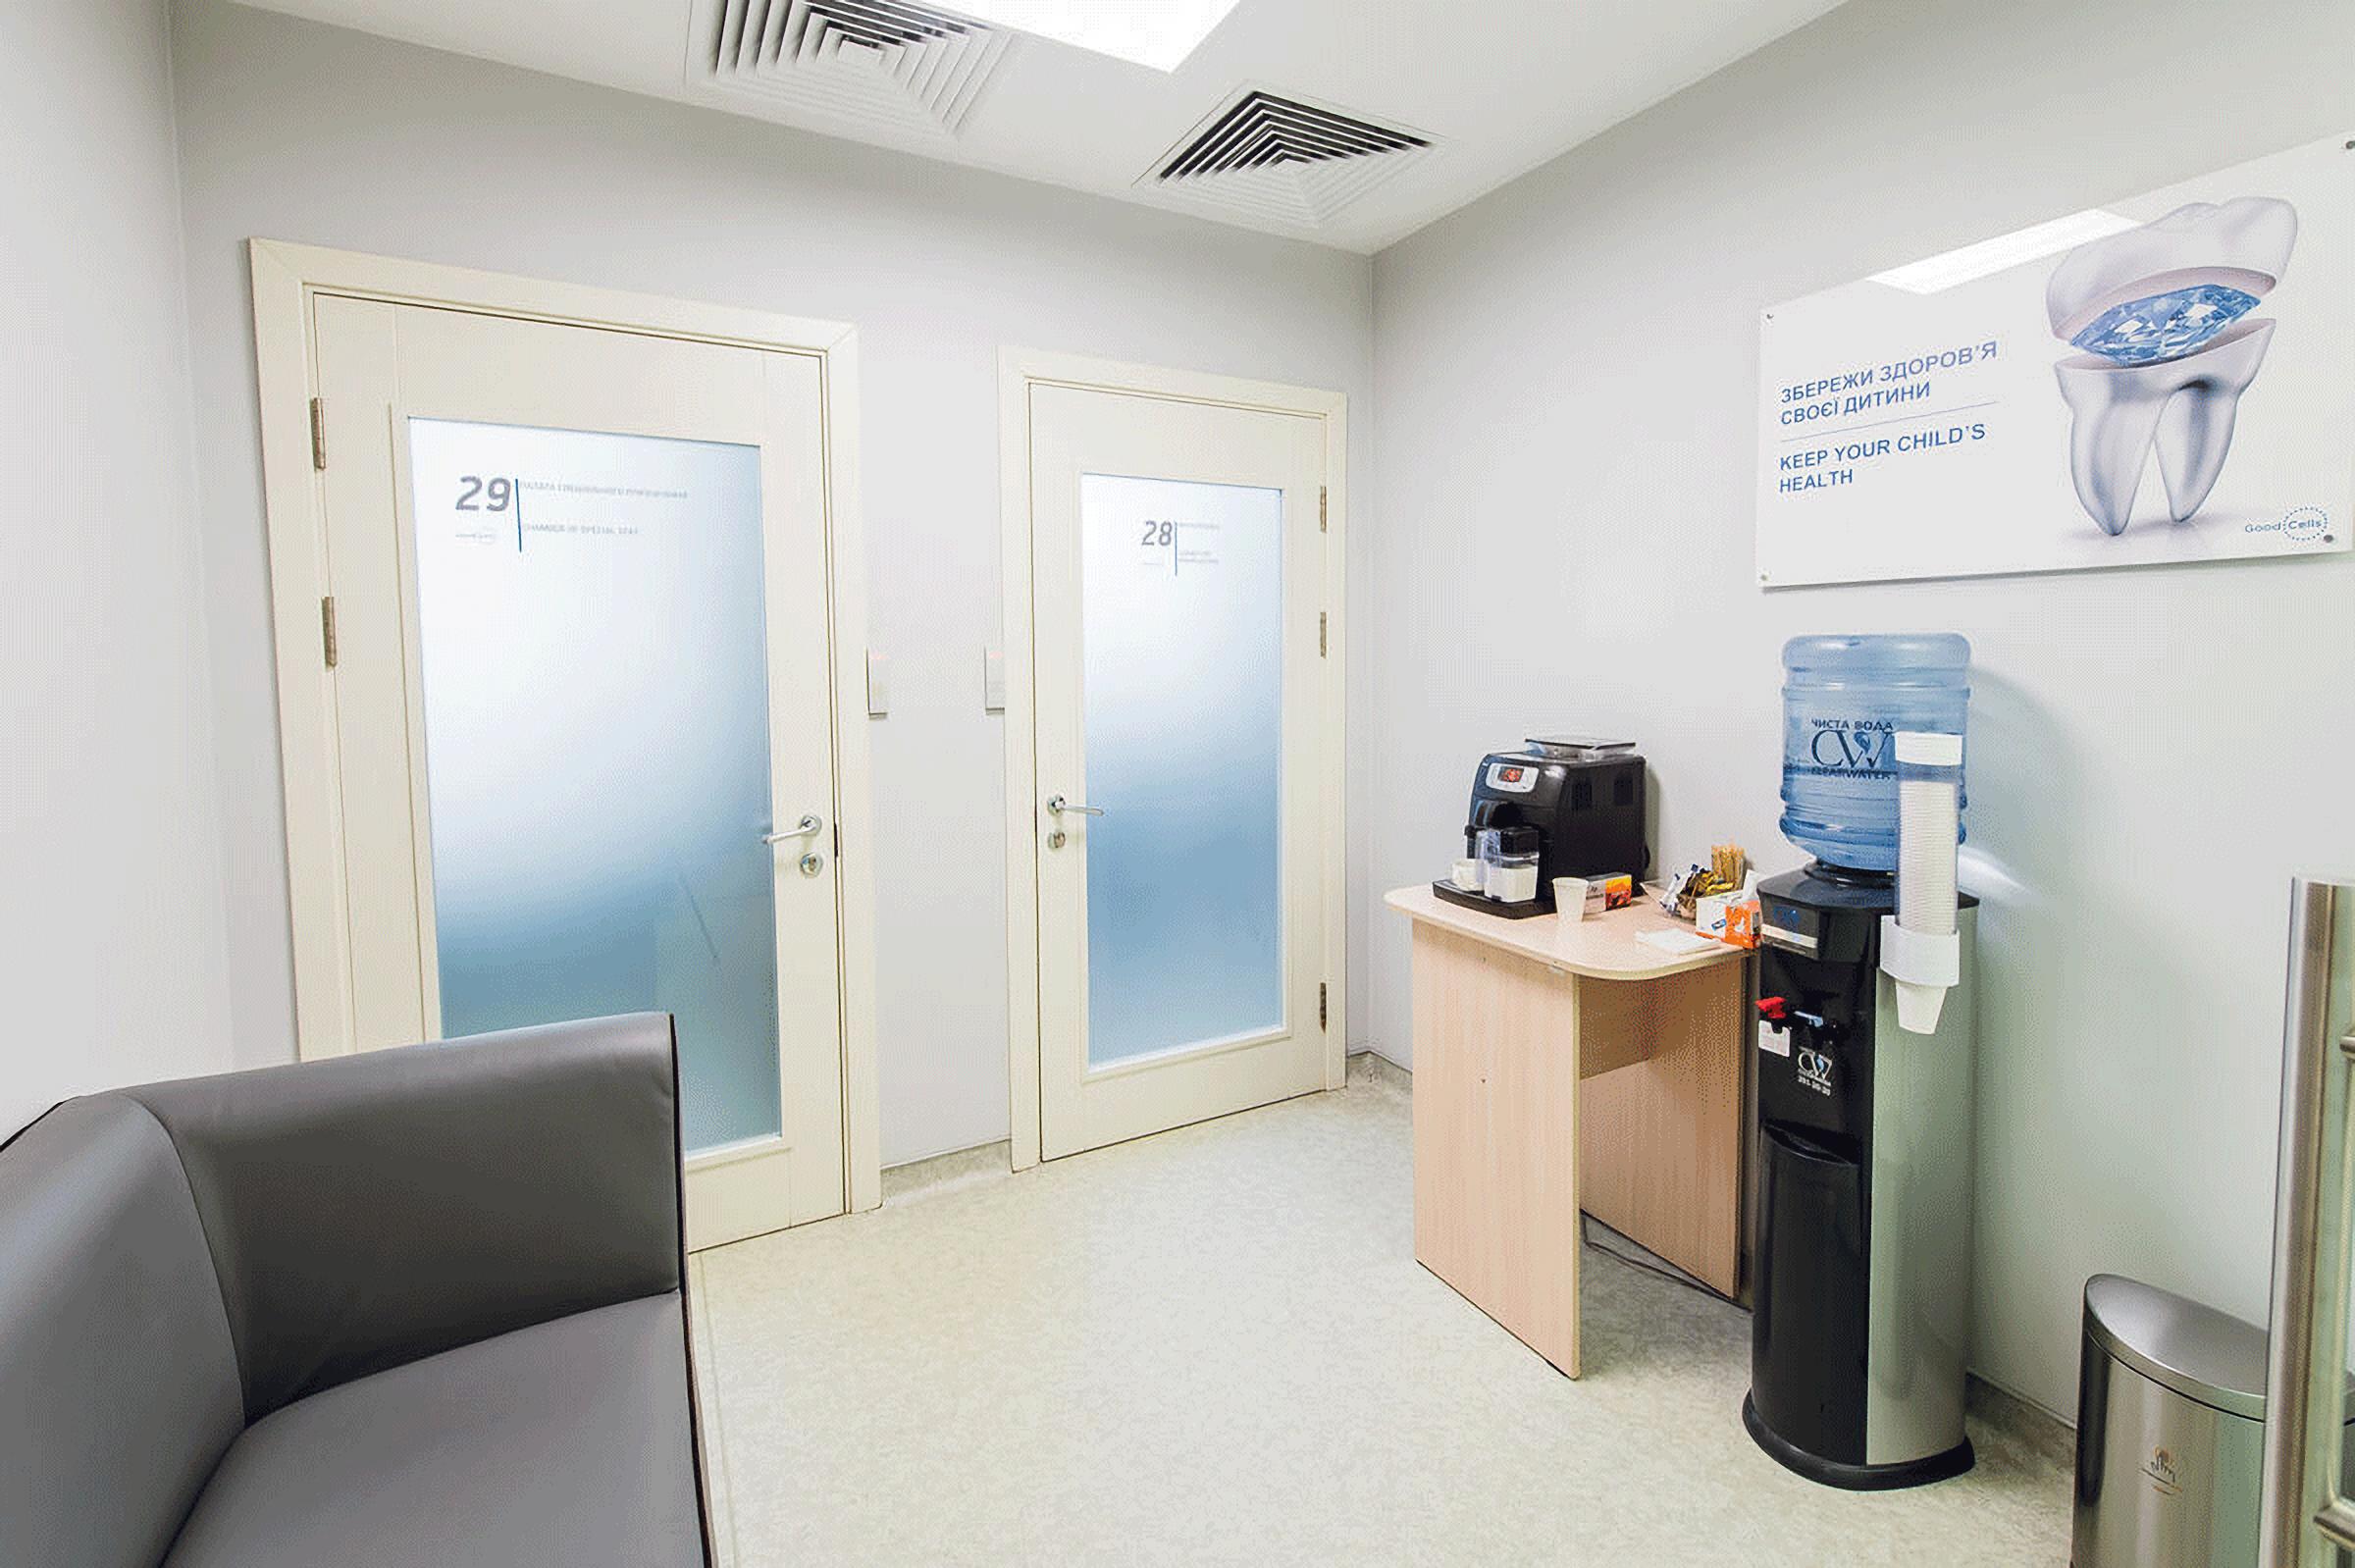 Corridor in GOOD CELLS Ukraine clinic Kiev